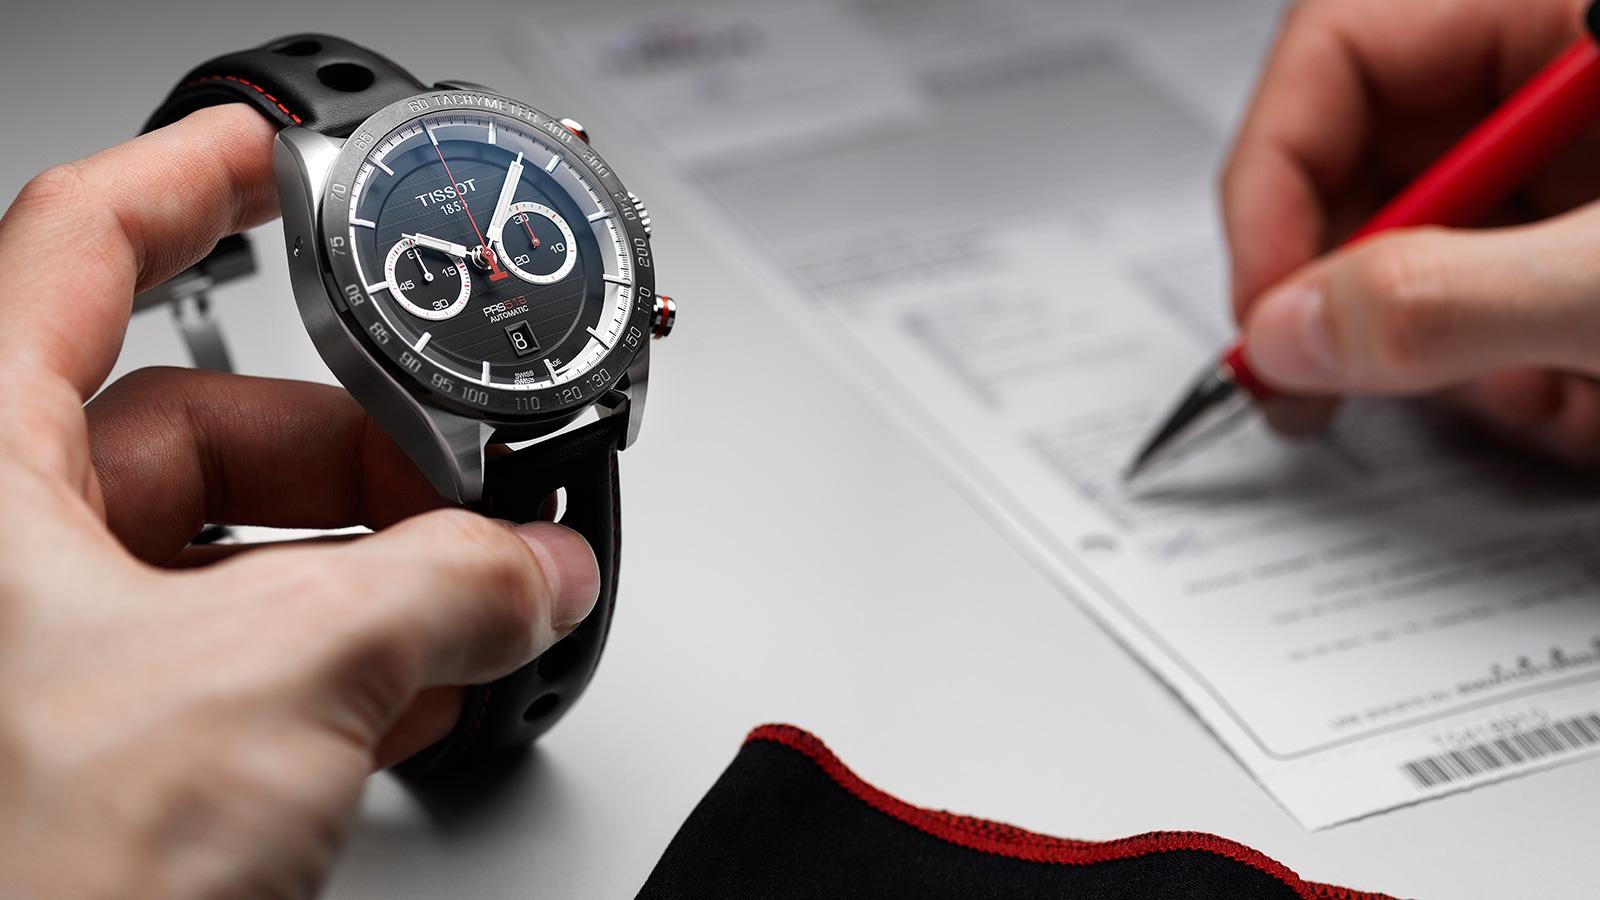 Bảo hành 2 năm khi mua đồng hồ Tissot